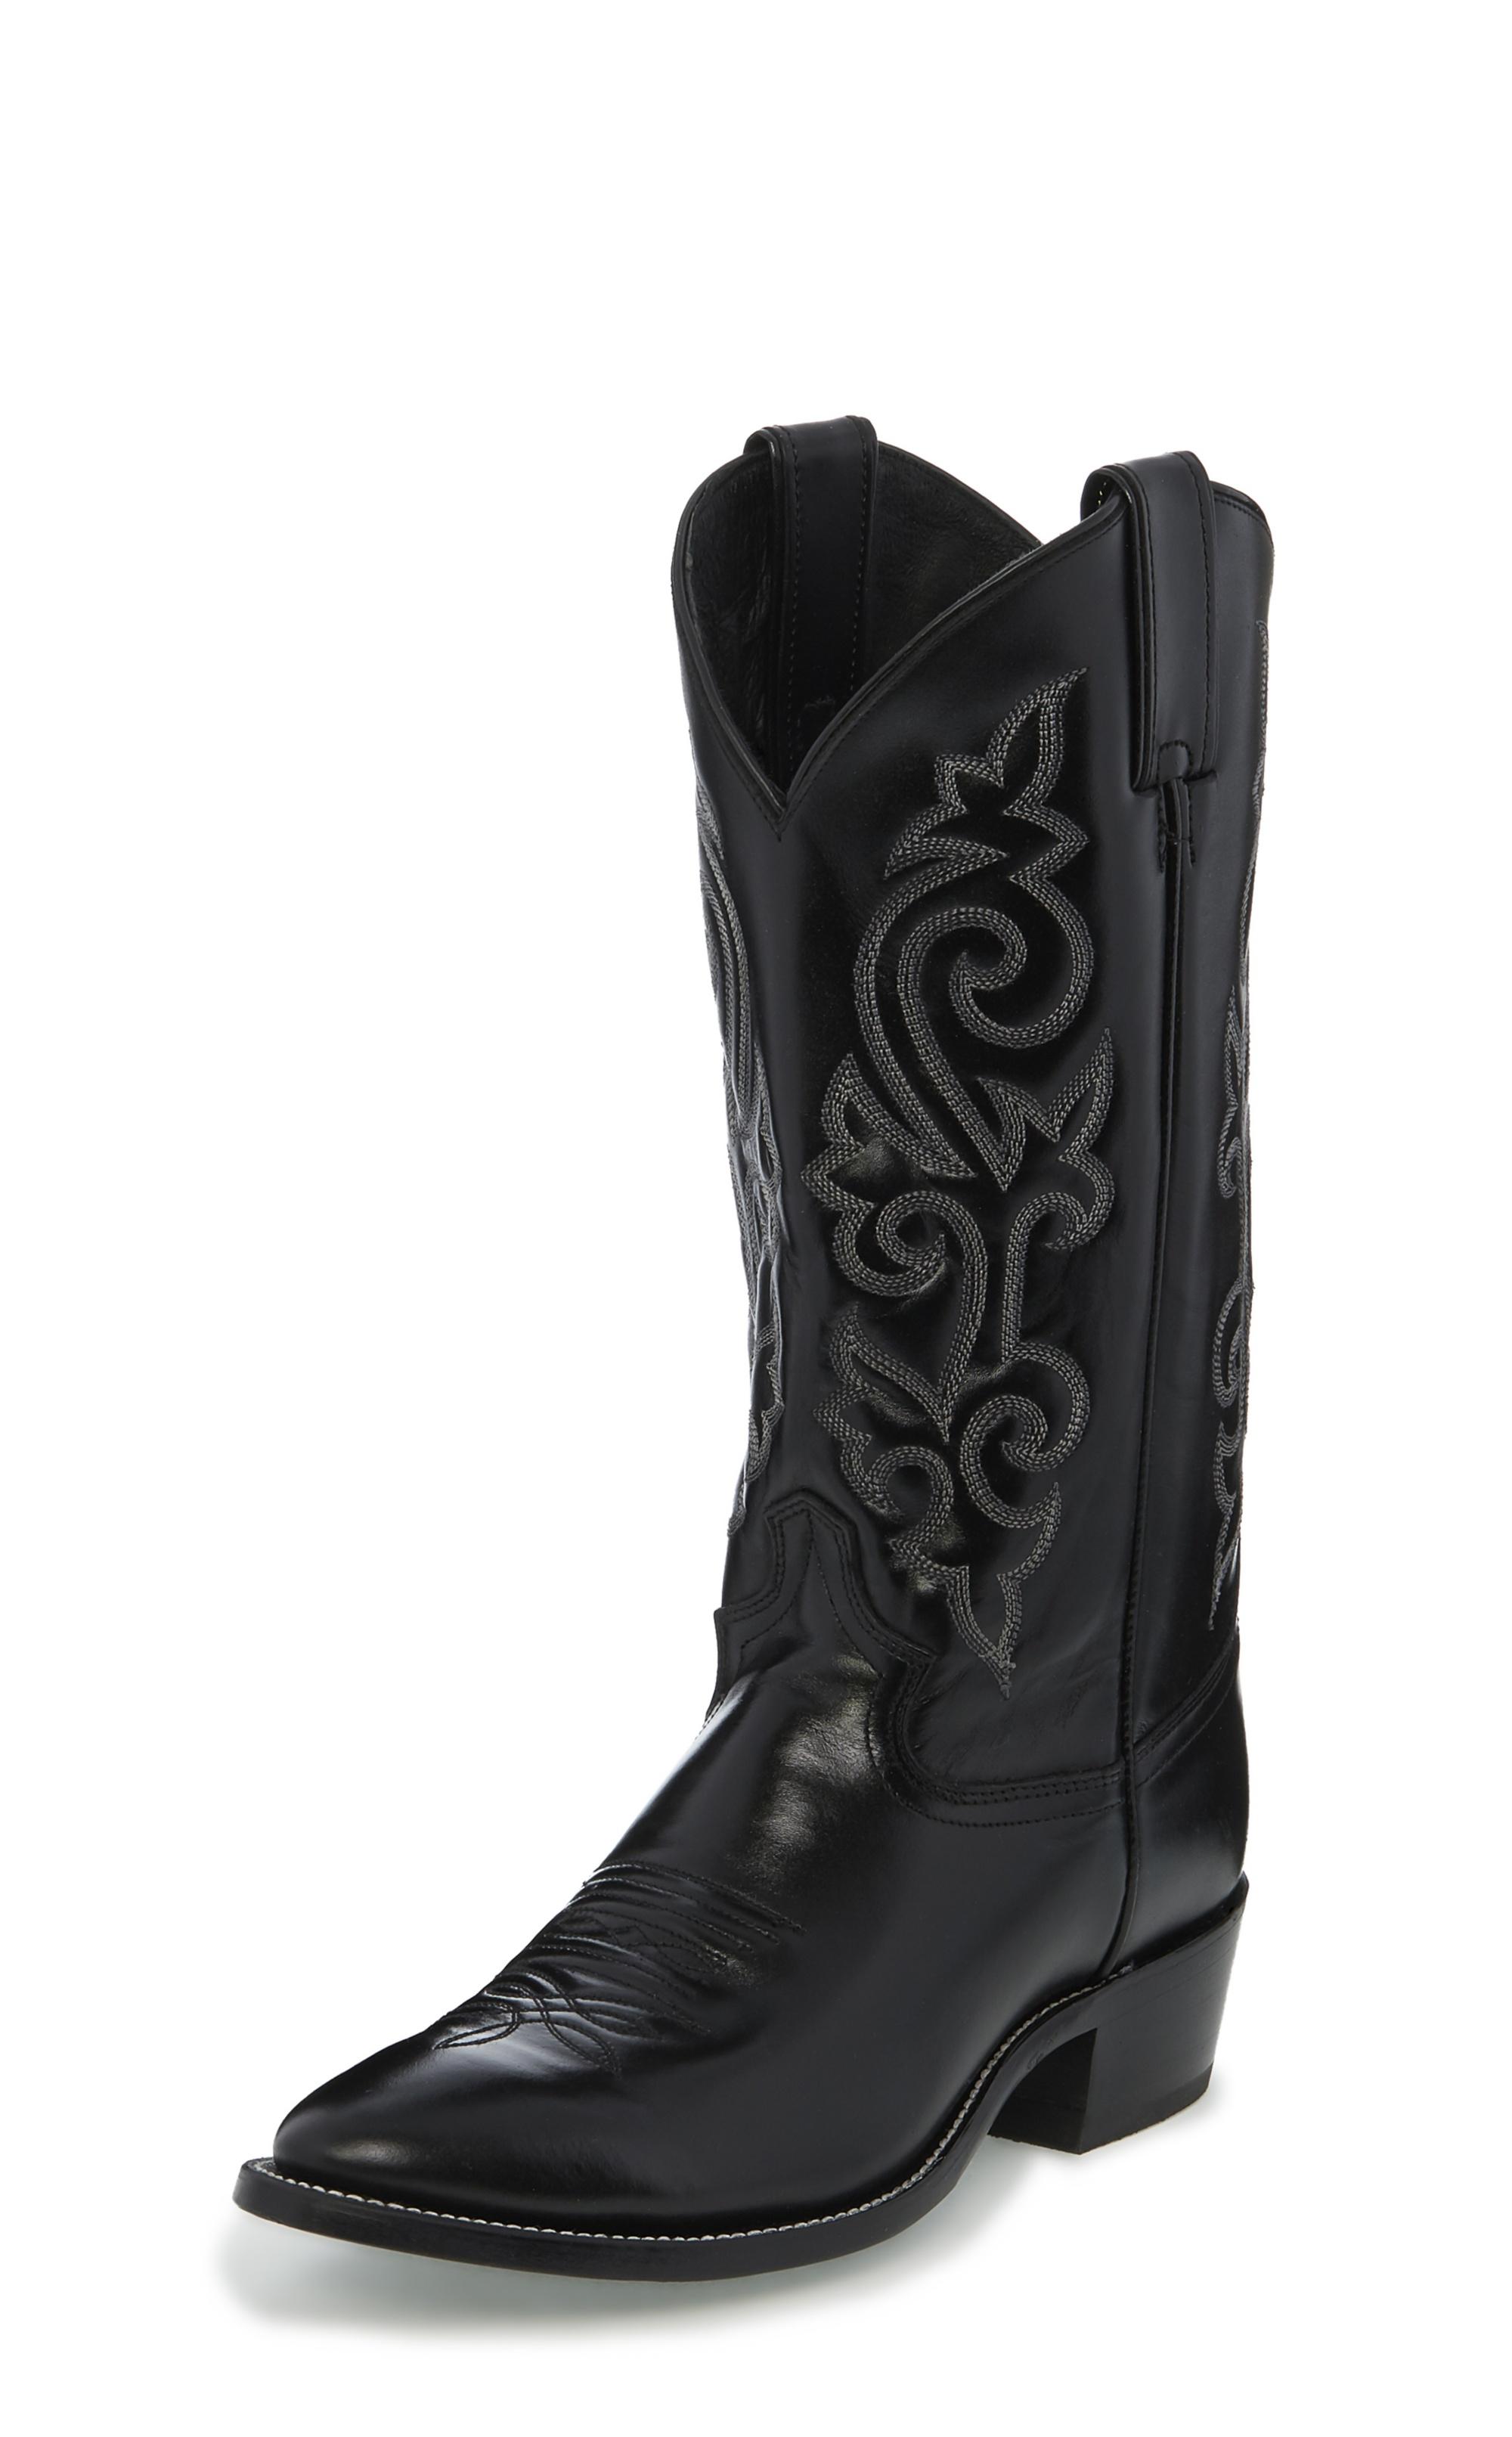 Mens Black Justin Boots Men's Black Western Calf Boots